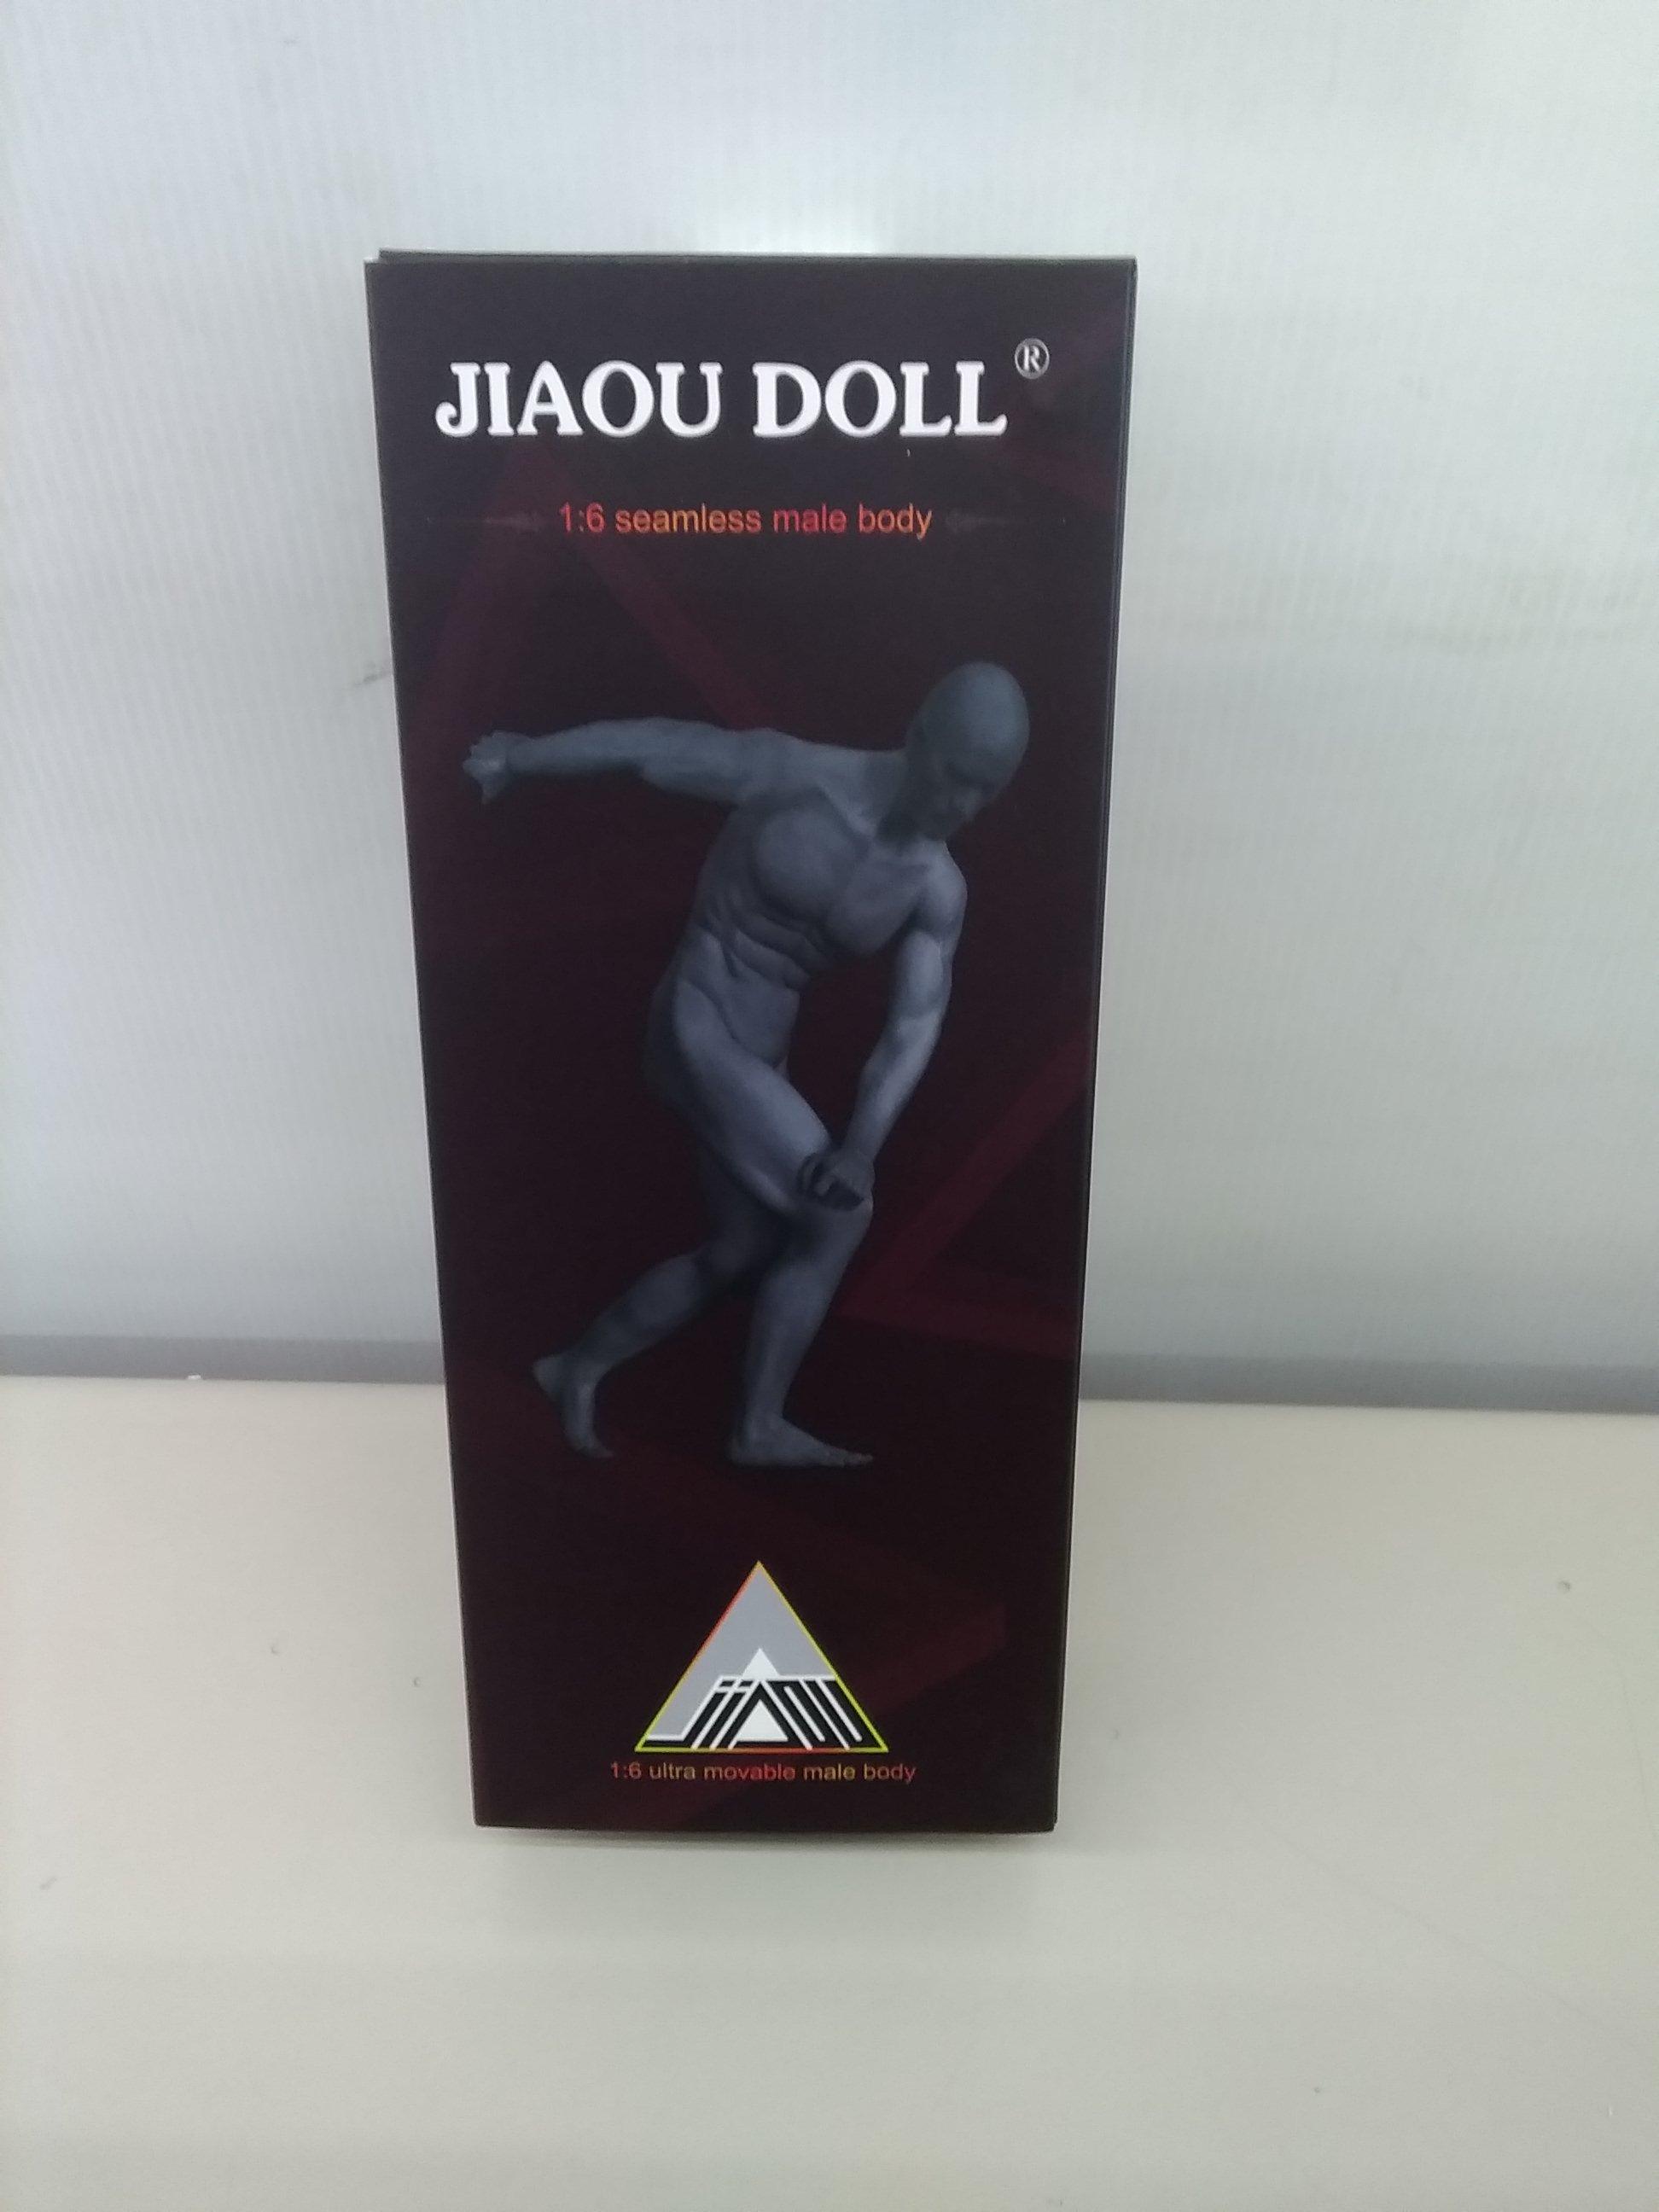 シームレス男性素体 JIAOU DOLL